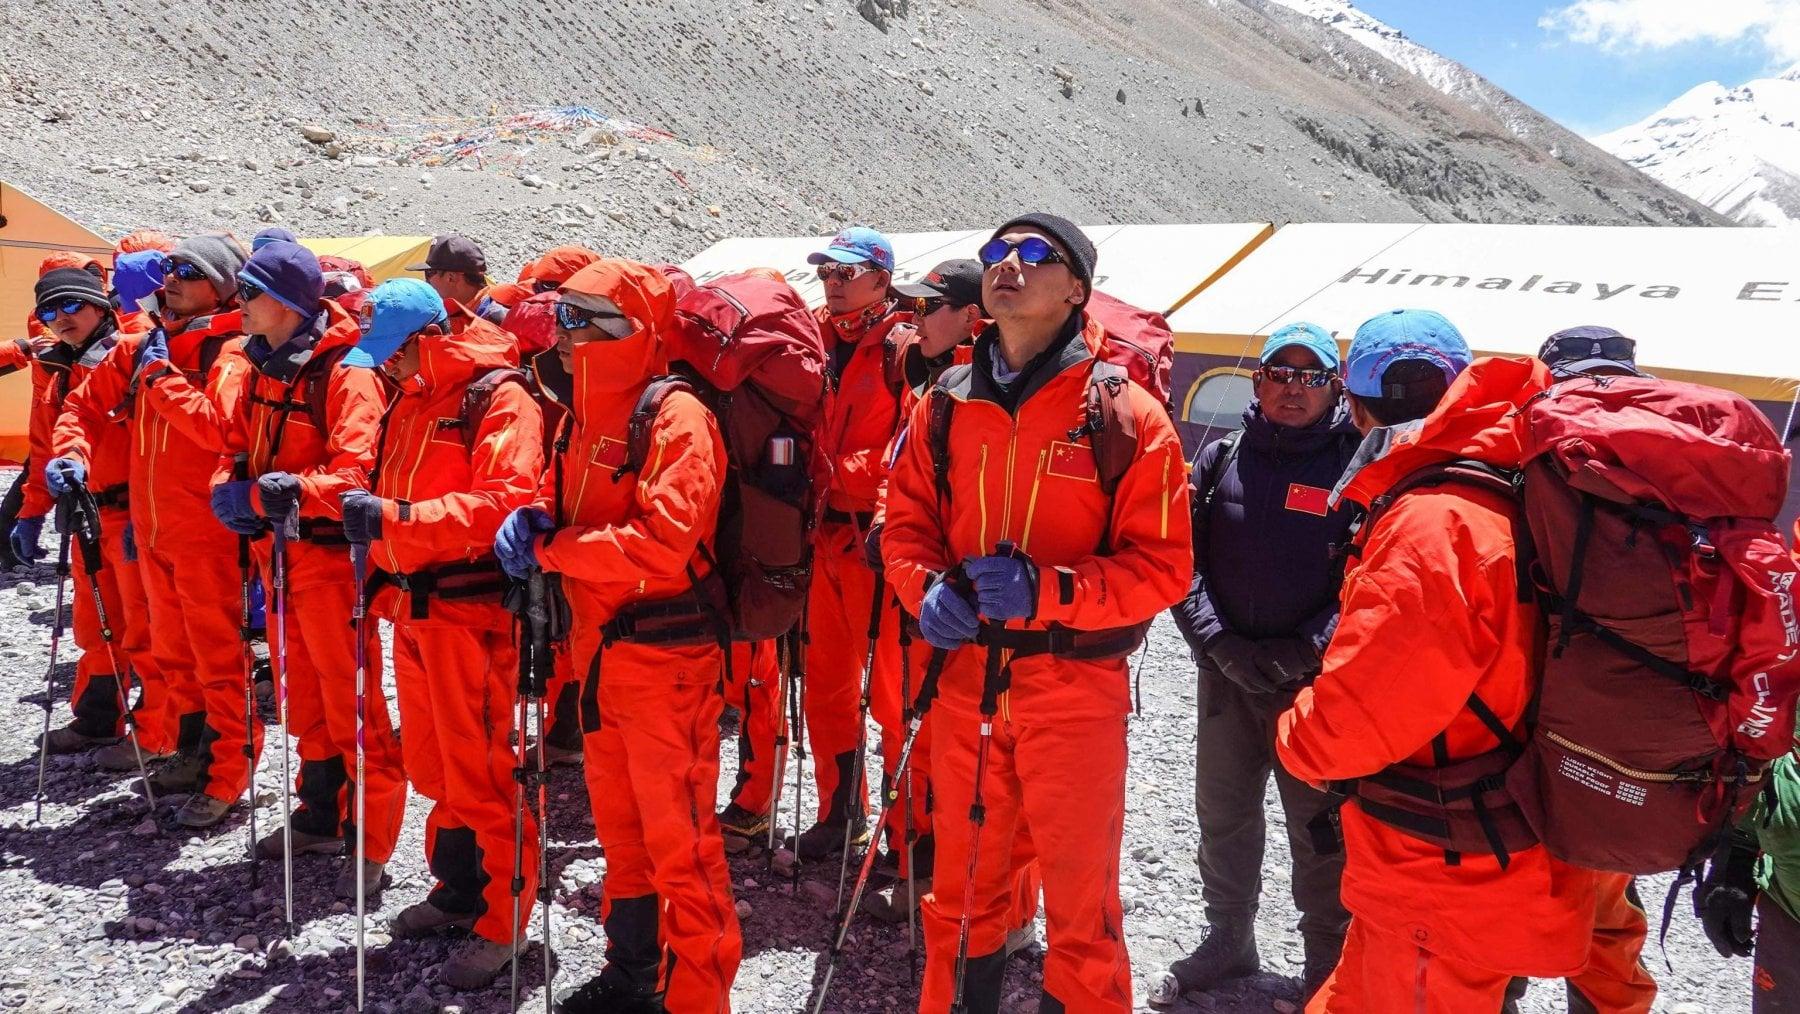 170026827 cbd0c2b6 828b 4777 b3a0 7d8ab8446ccf - Il record di scalata all'Everest è di una donna: 13 ore in meno